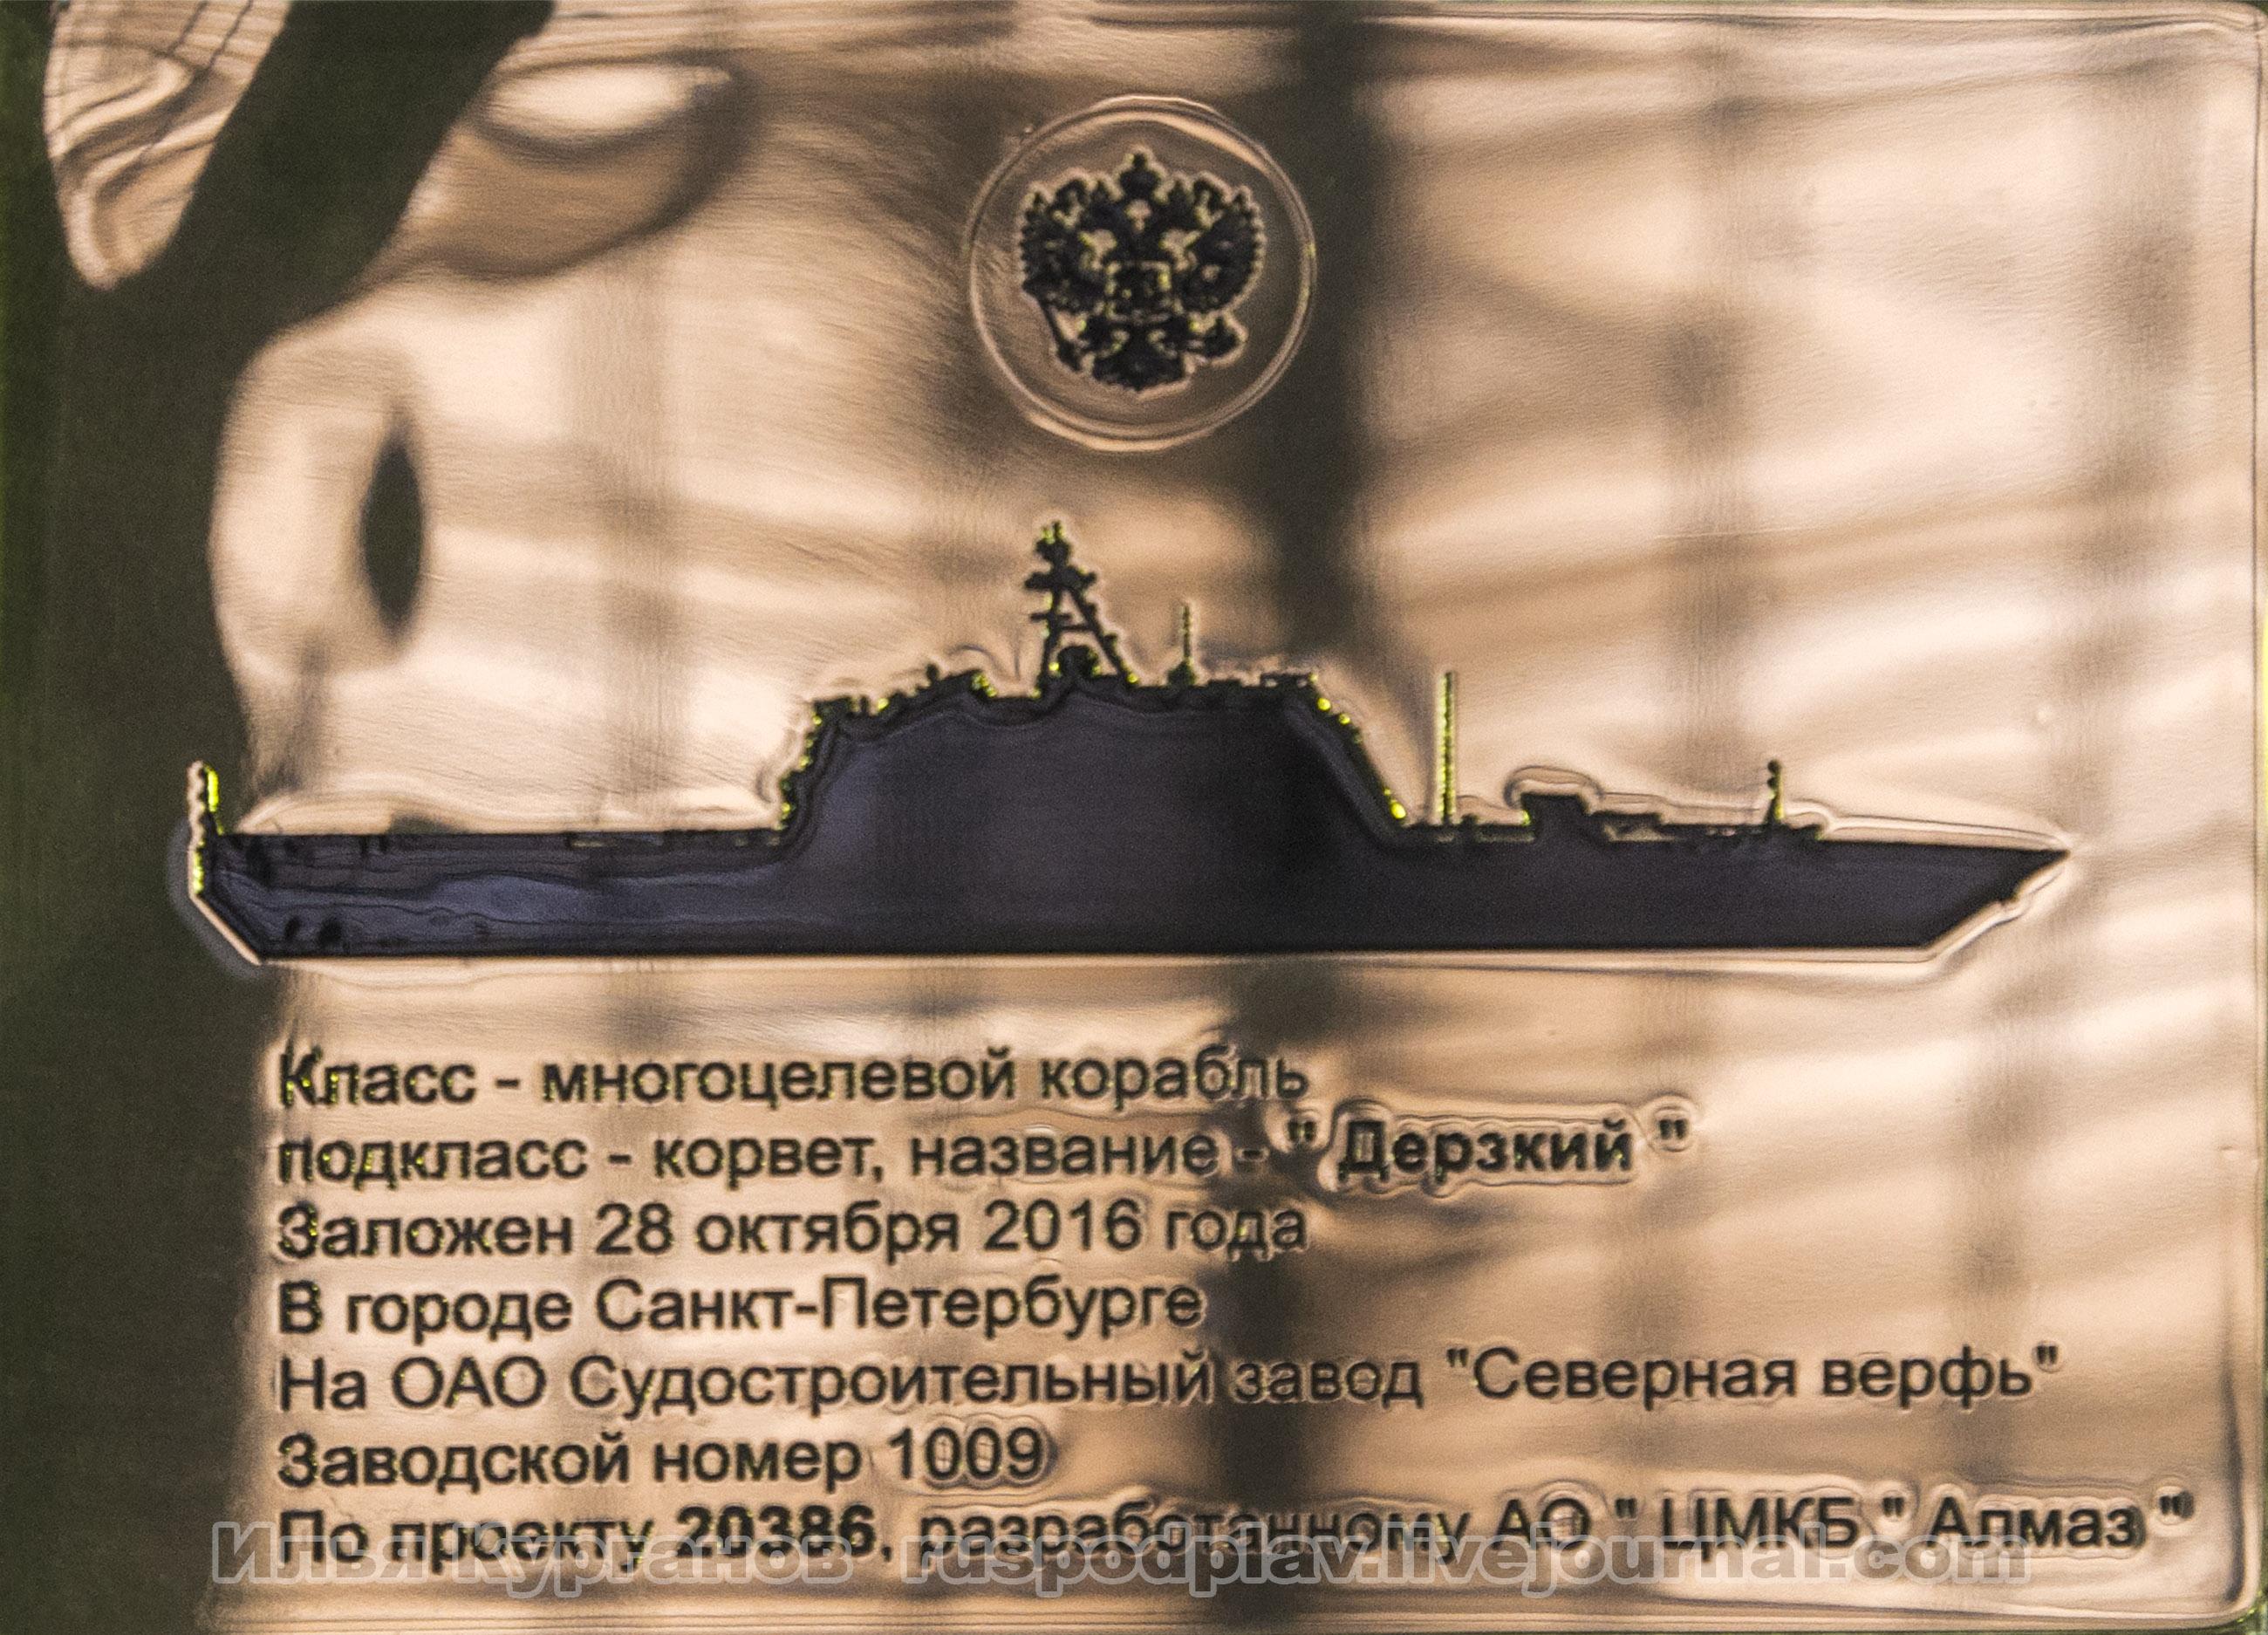 http://ic.pics.livejournal.com/ruspodplav/72462136/106485/106485_original.jpg